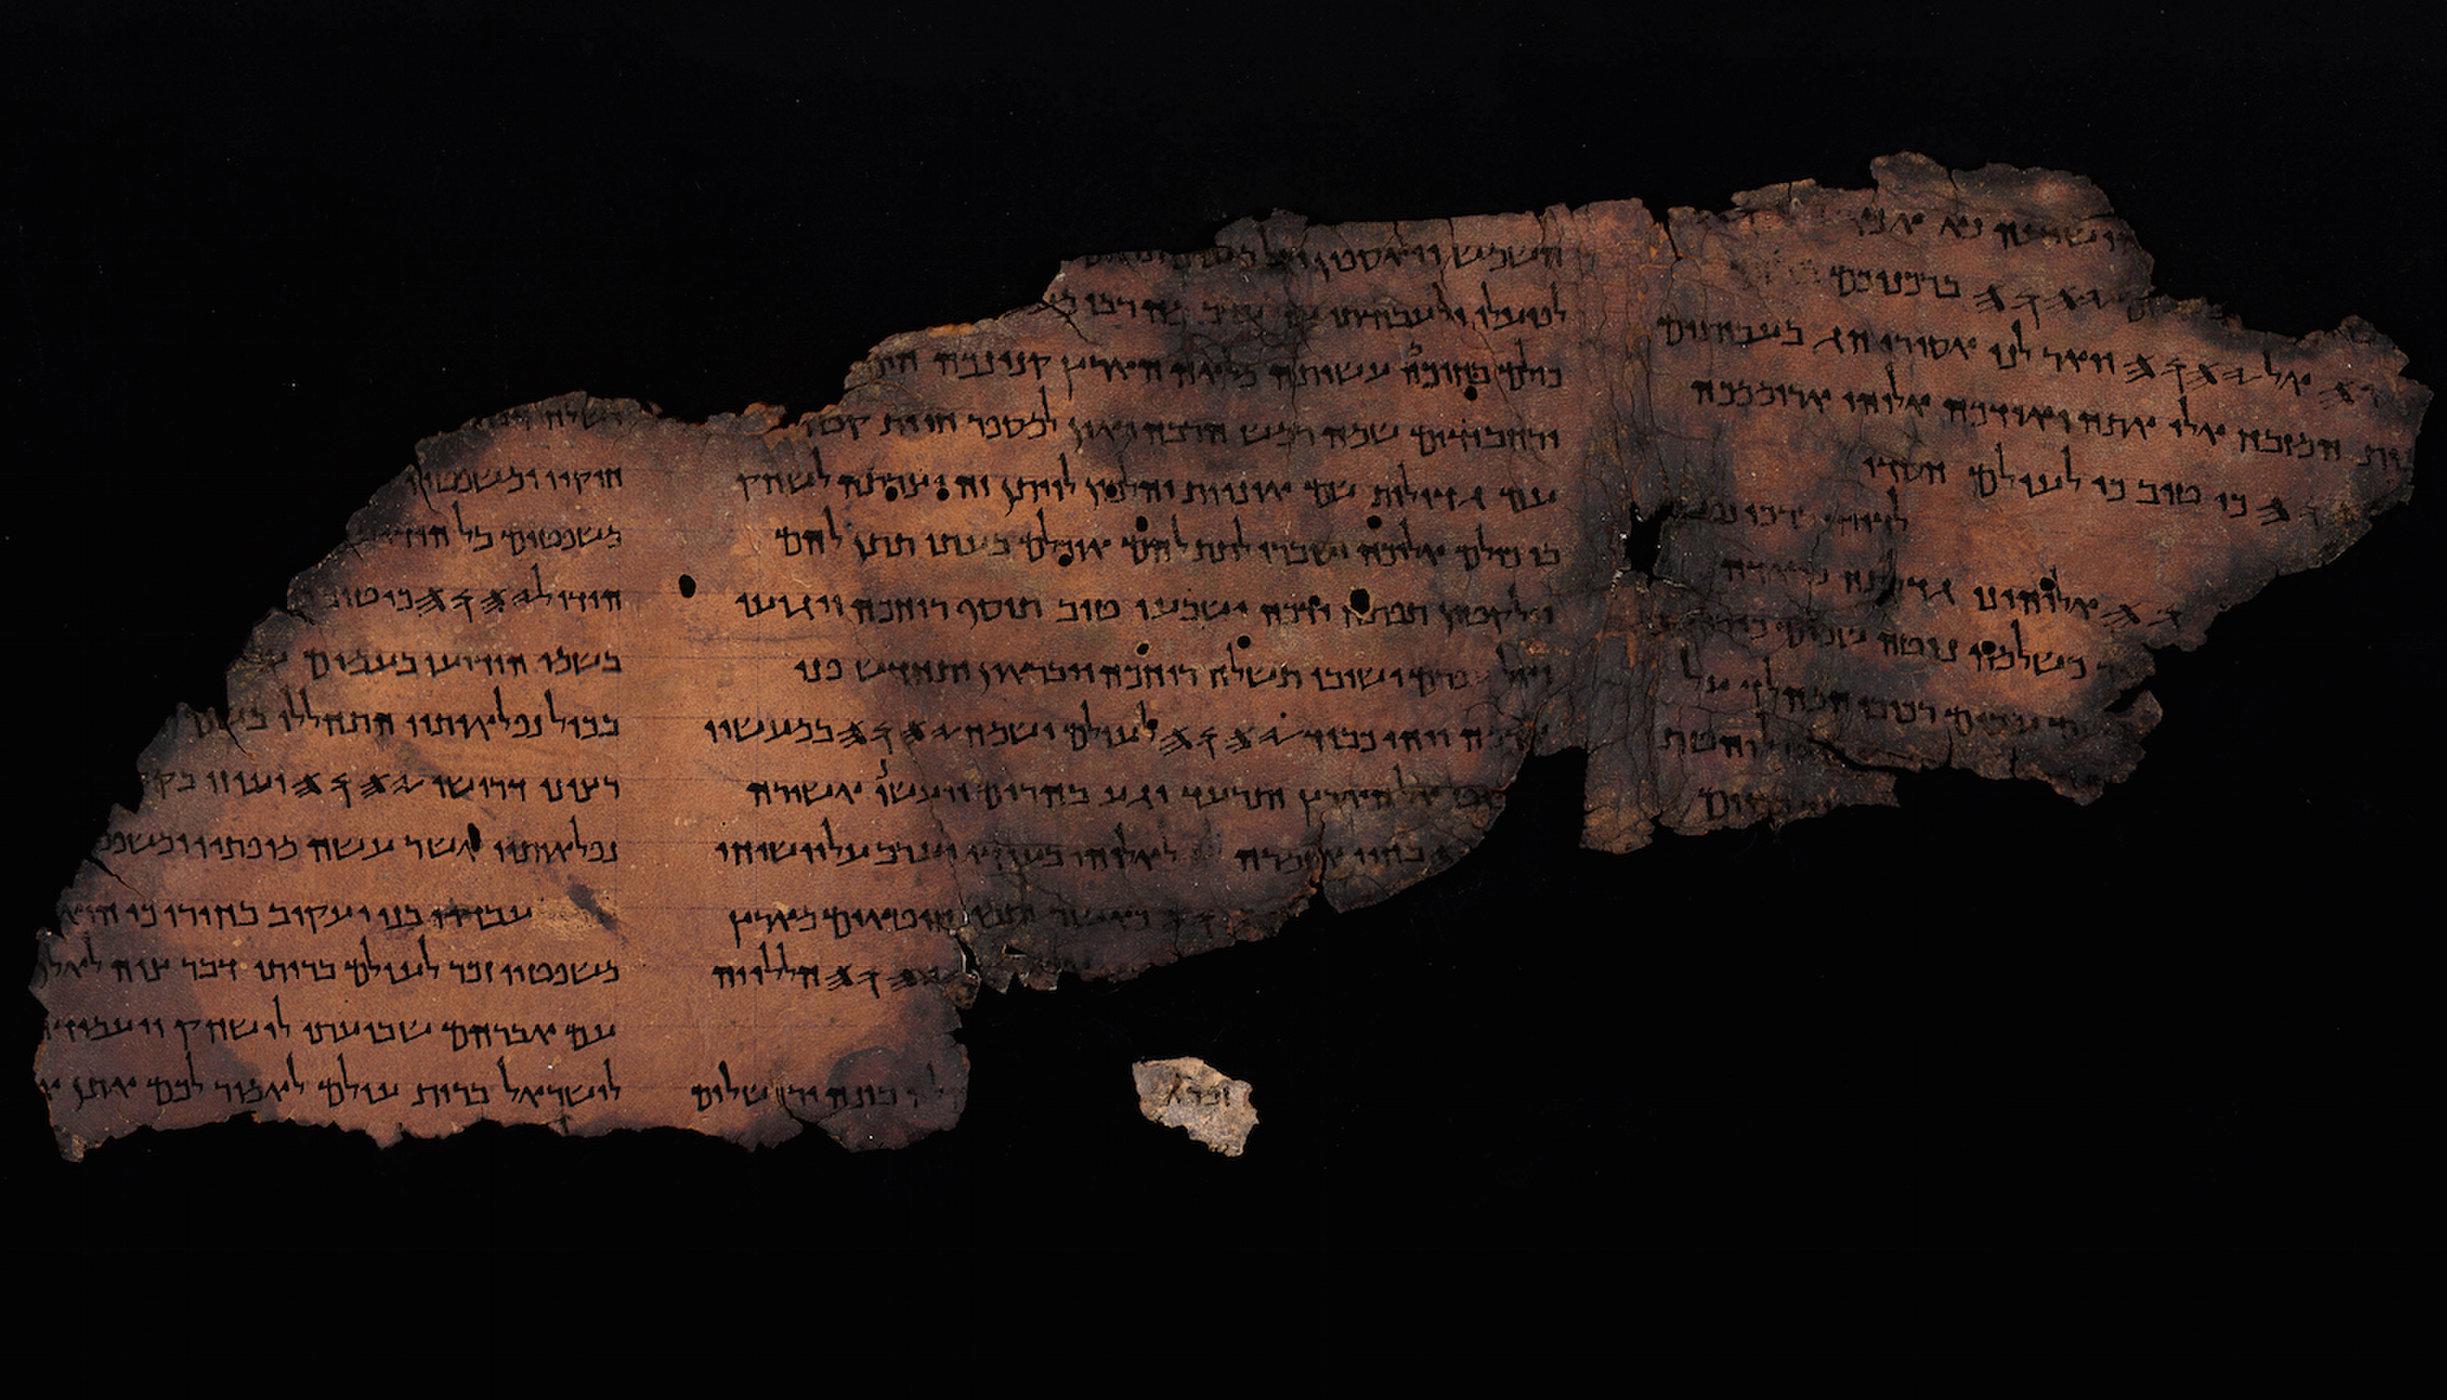 """Bản văn dấu kín được tìm thấy trên Sách Cuộn """"trắng chữ"""" của Biển Chết - 3"""